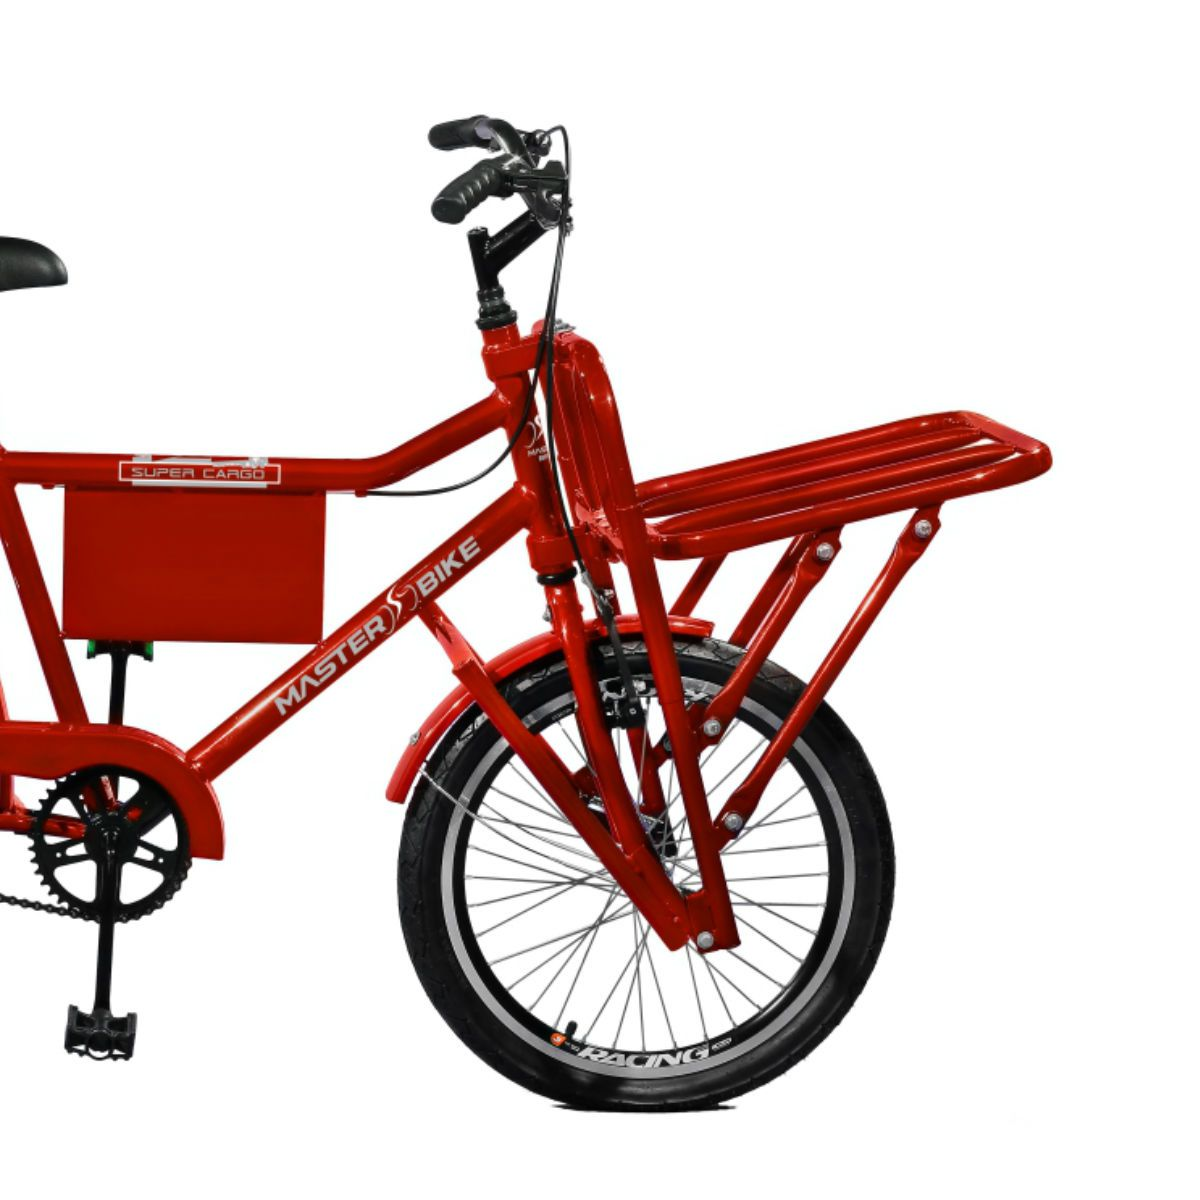 Bicicleta Master Bike Aro 26 Super Cargo Freio Manual A-36 Vermelho